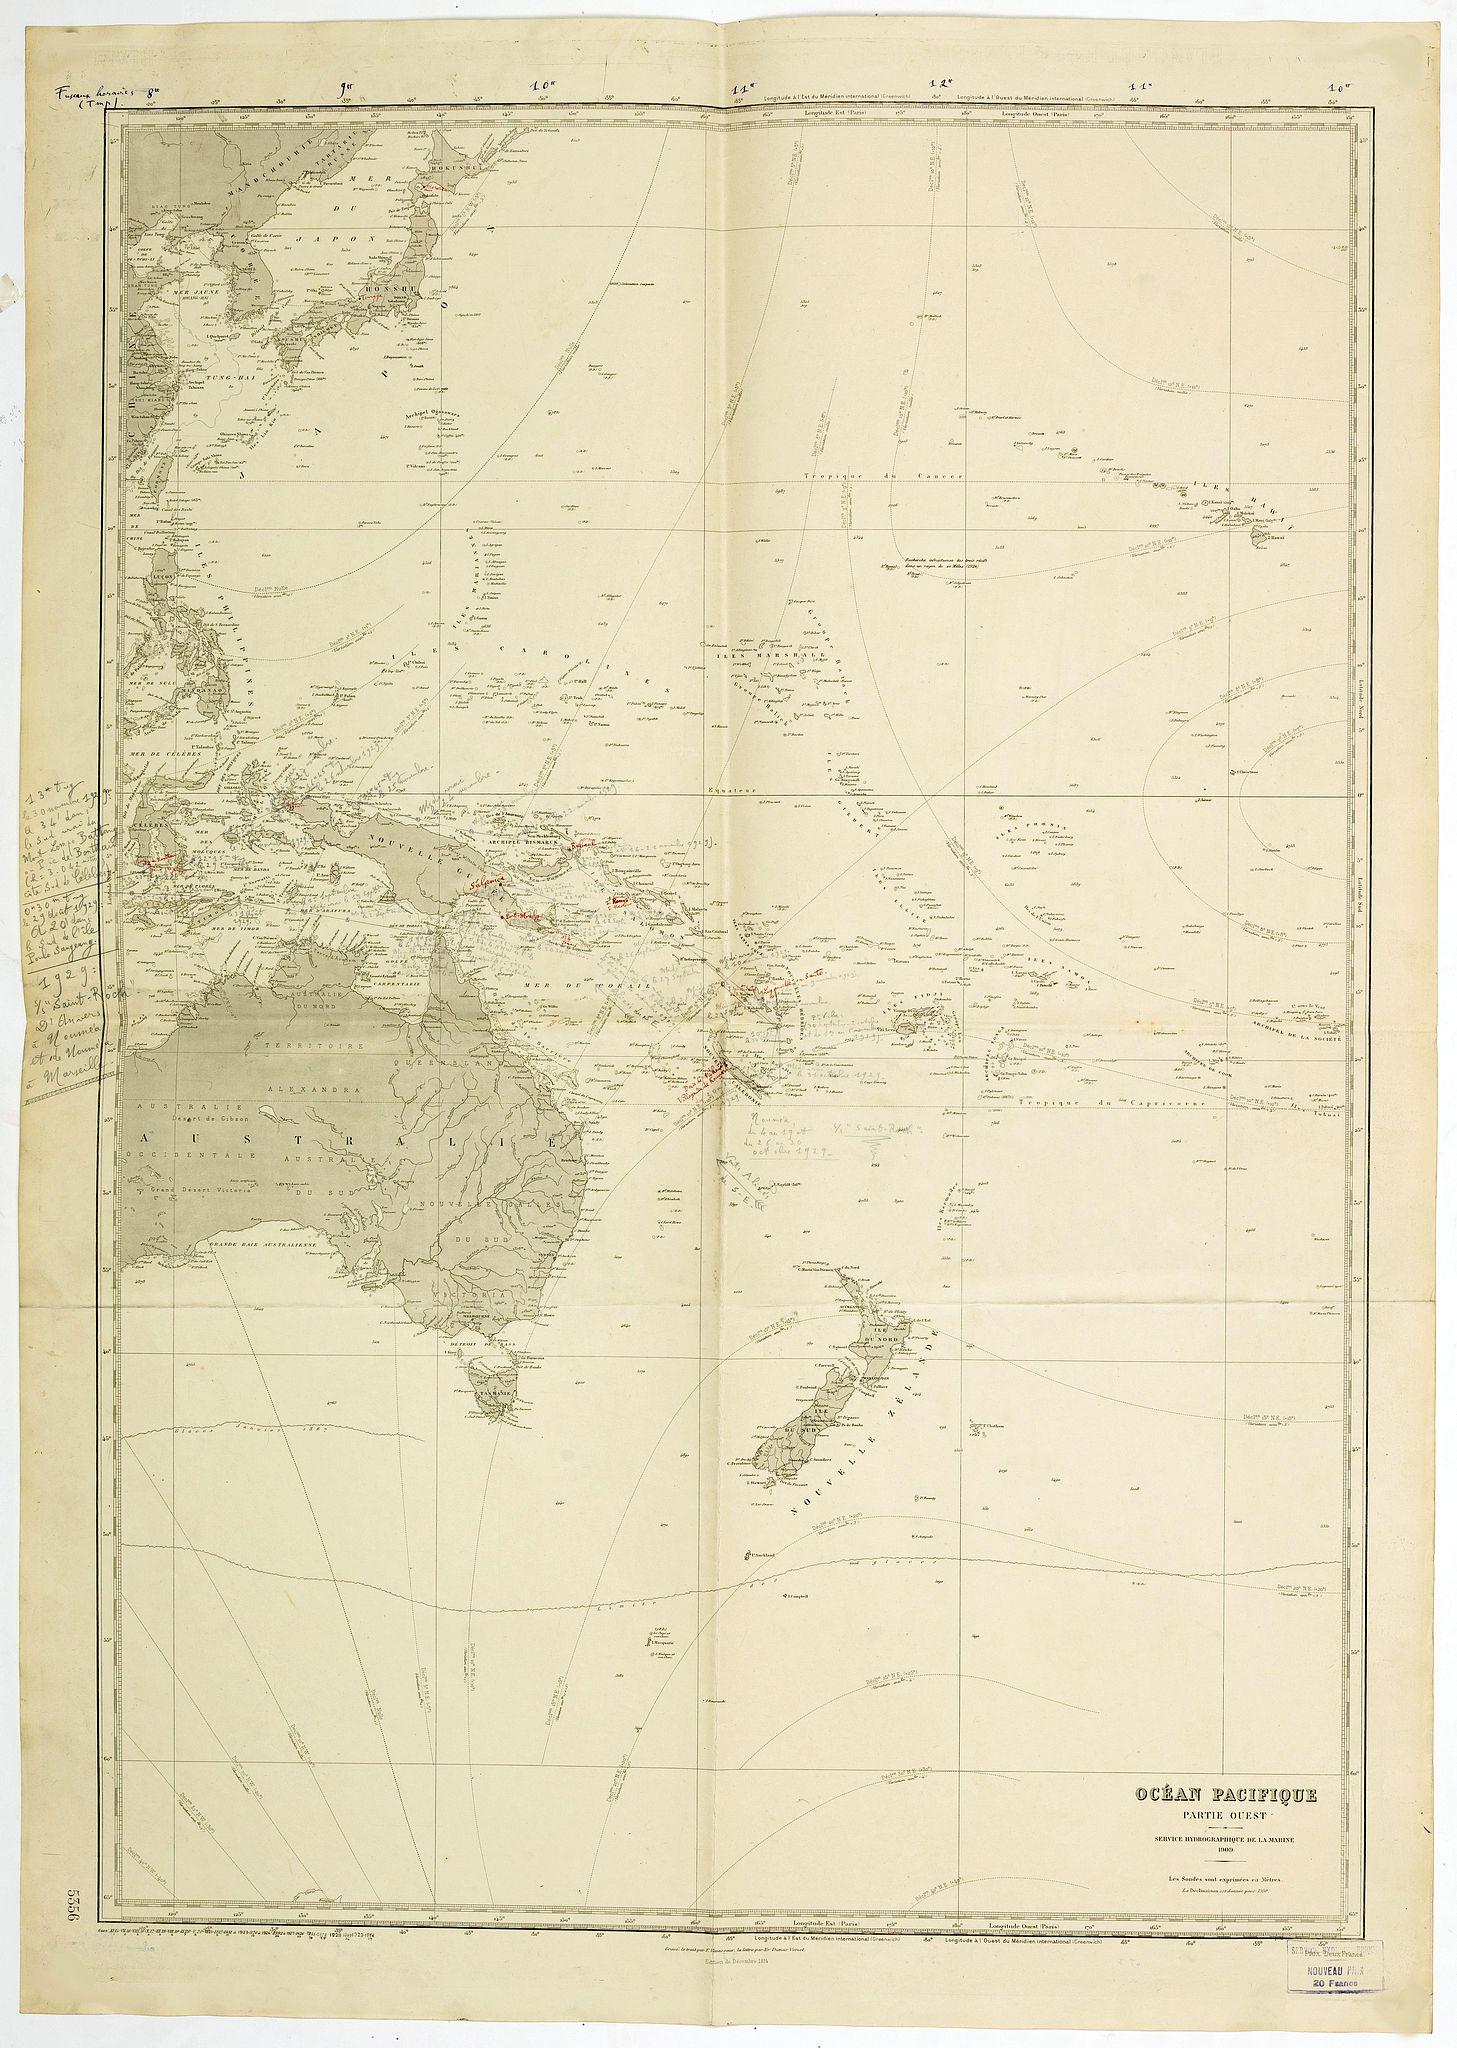 SERVICE HYDROGRAPHIQUE DE LA MARINE. -  Ocean Pacifique Partie Ouest.